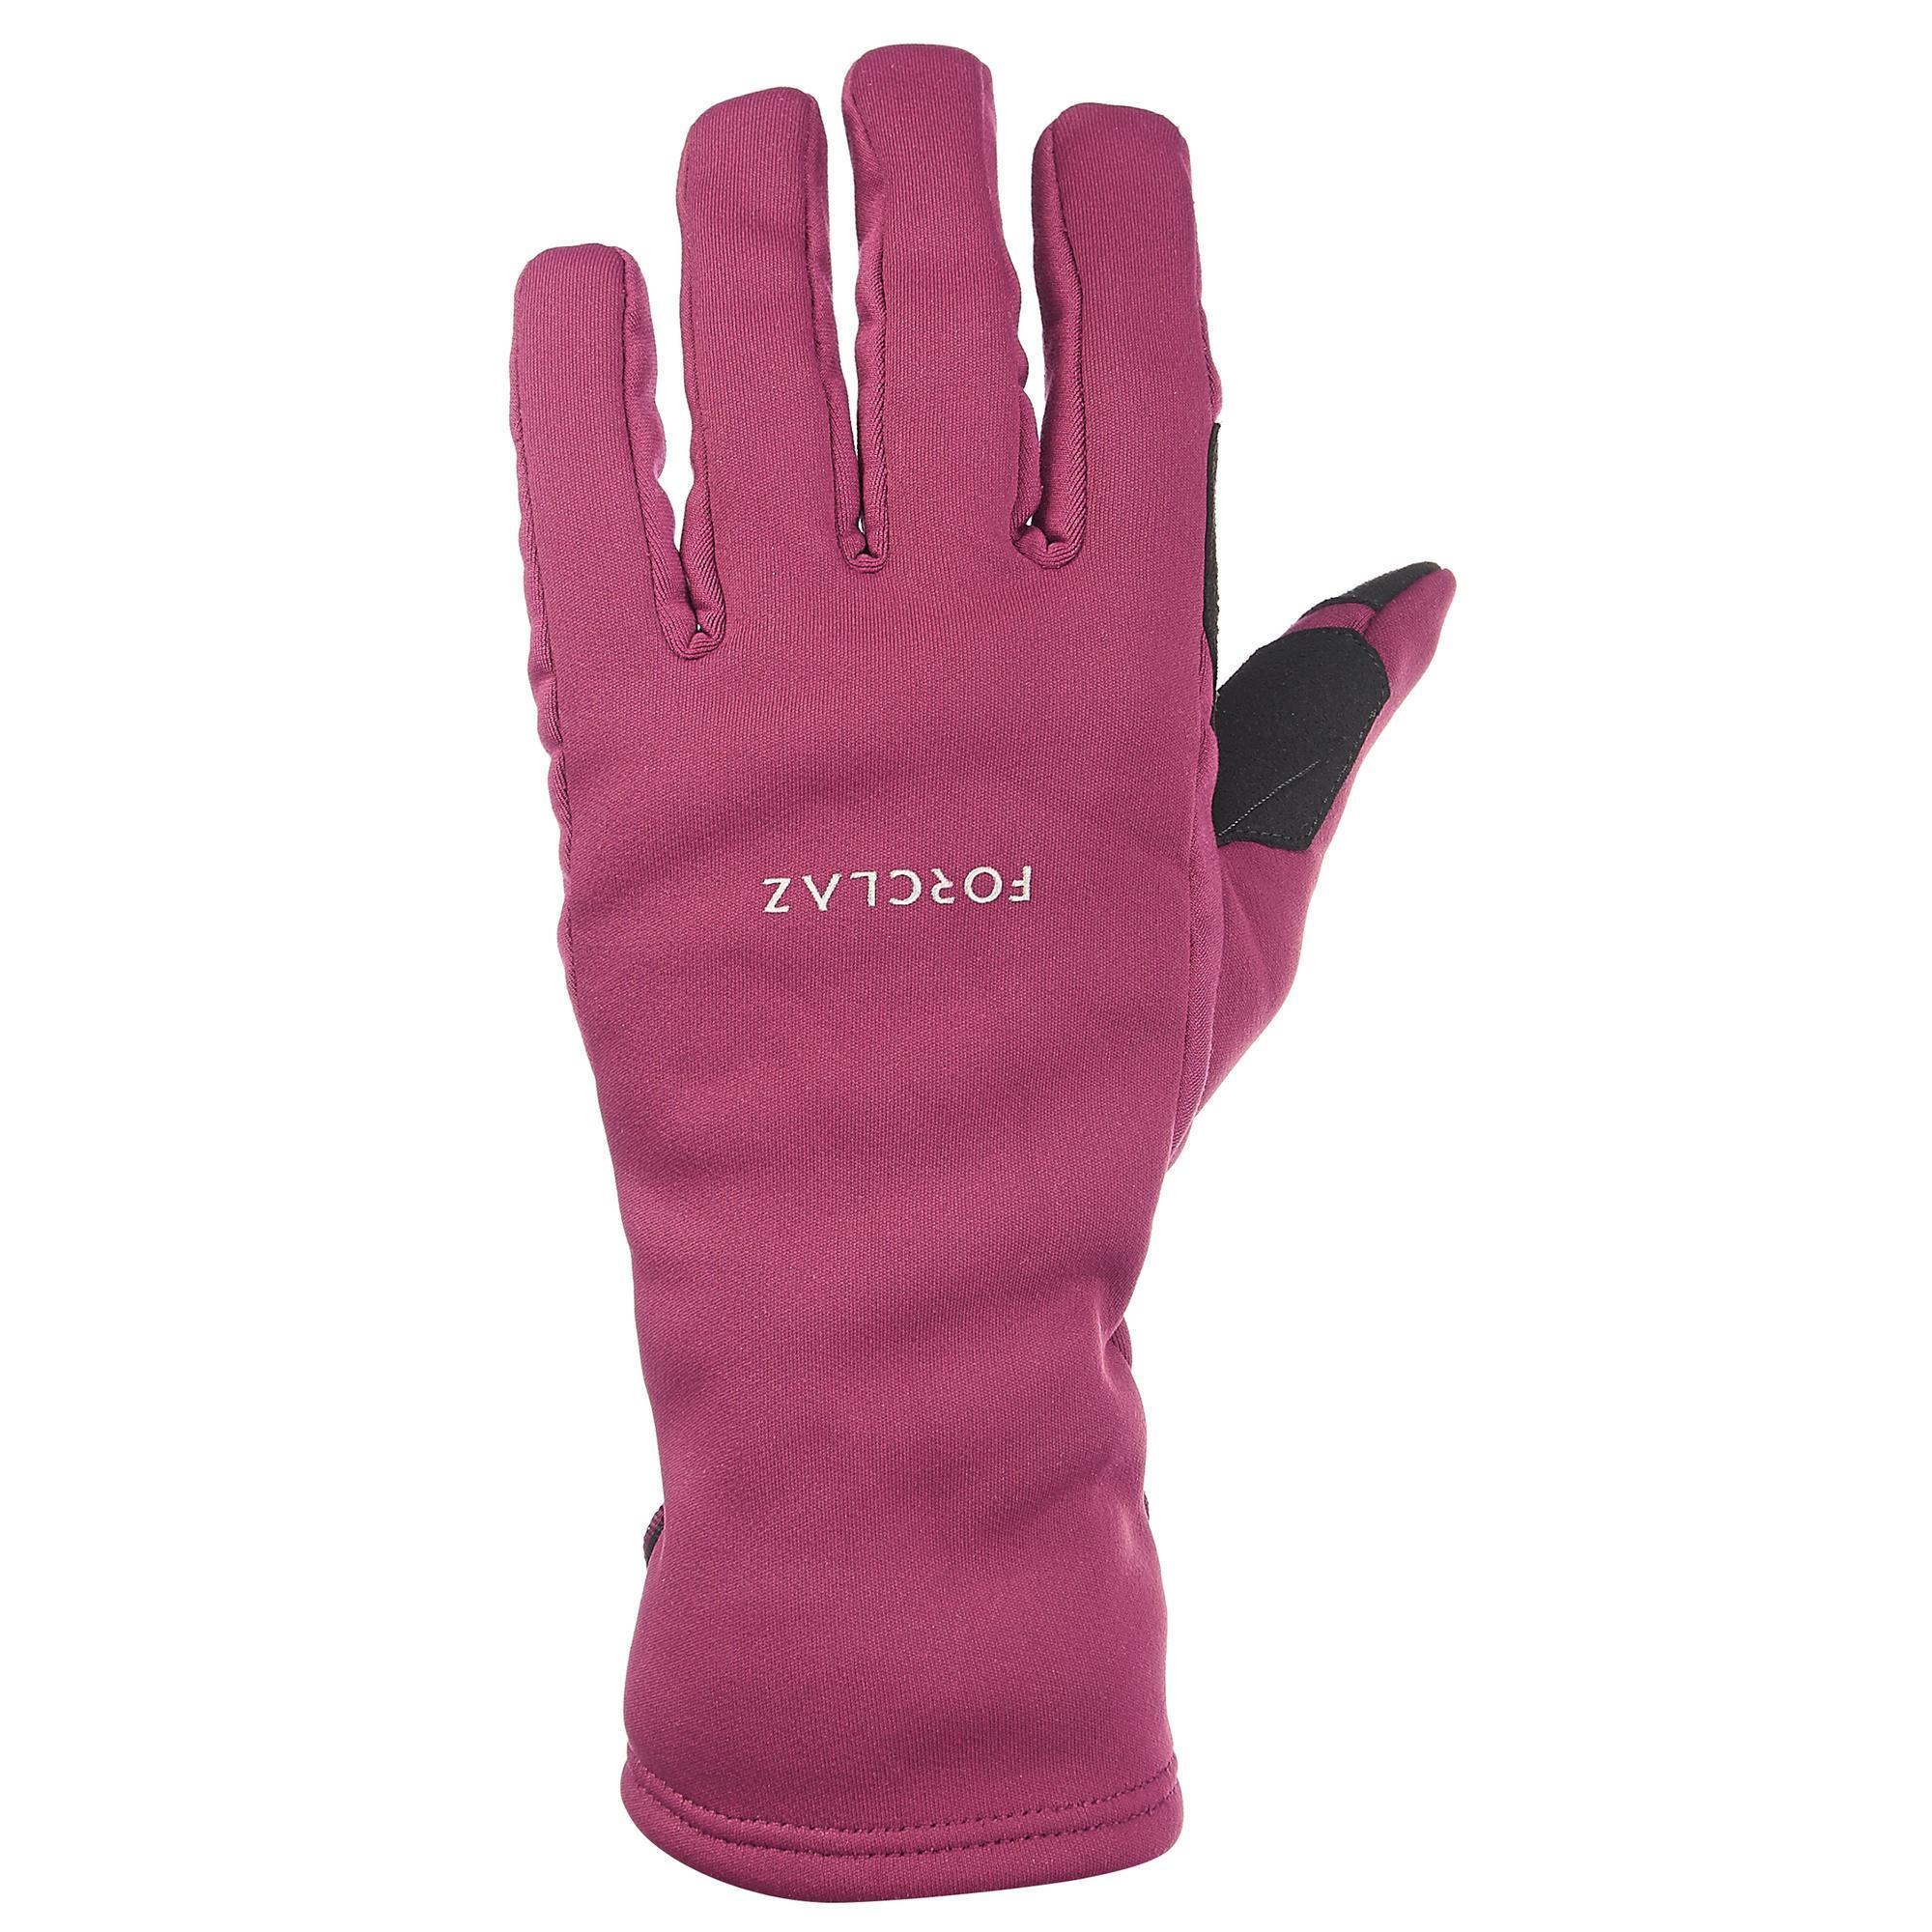 Handschuhe Trek 500 Erwachsene violett   Accessoires > Handschuhe > Sonstige Handschuhe   Quechua